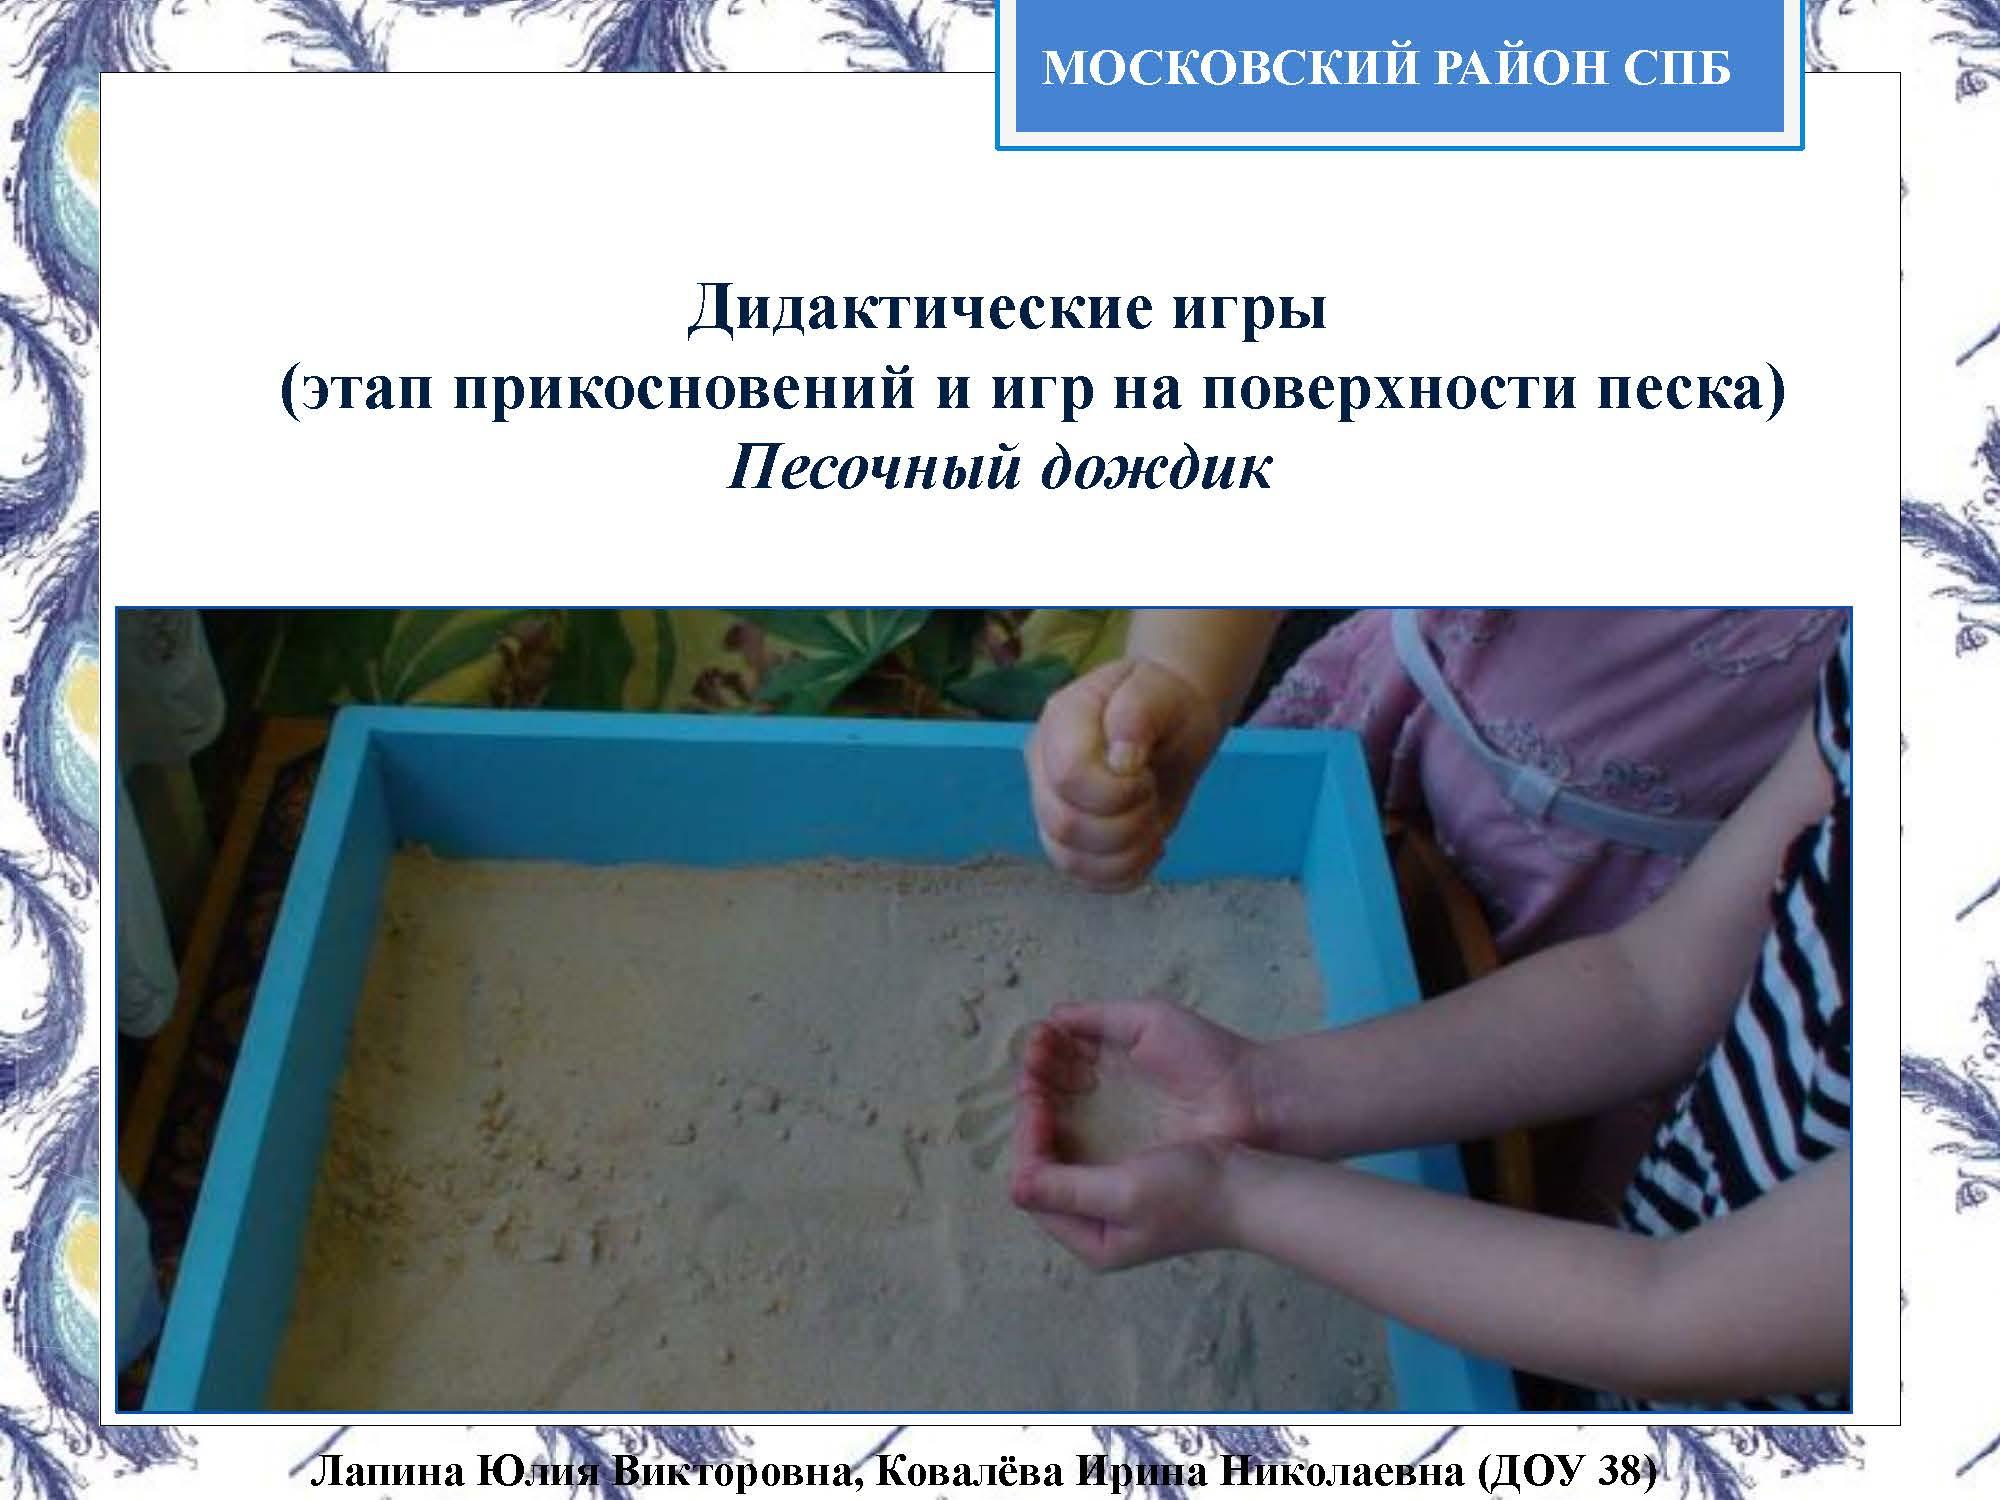 Секция 8. ДОУ 38, Московский район_Страница_24